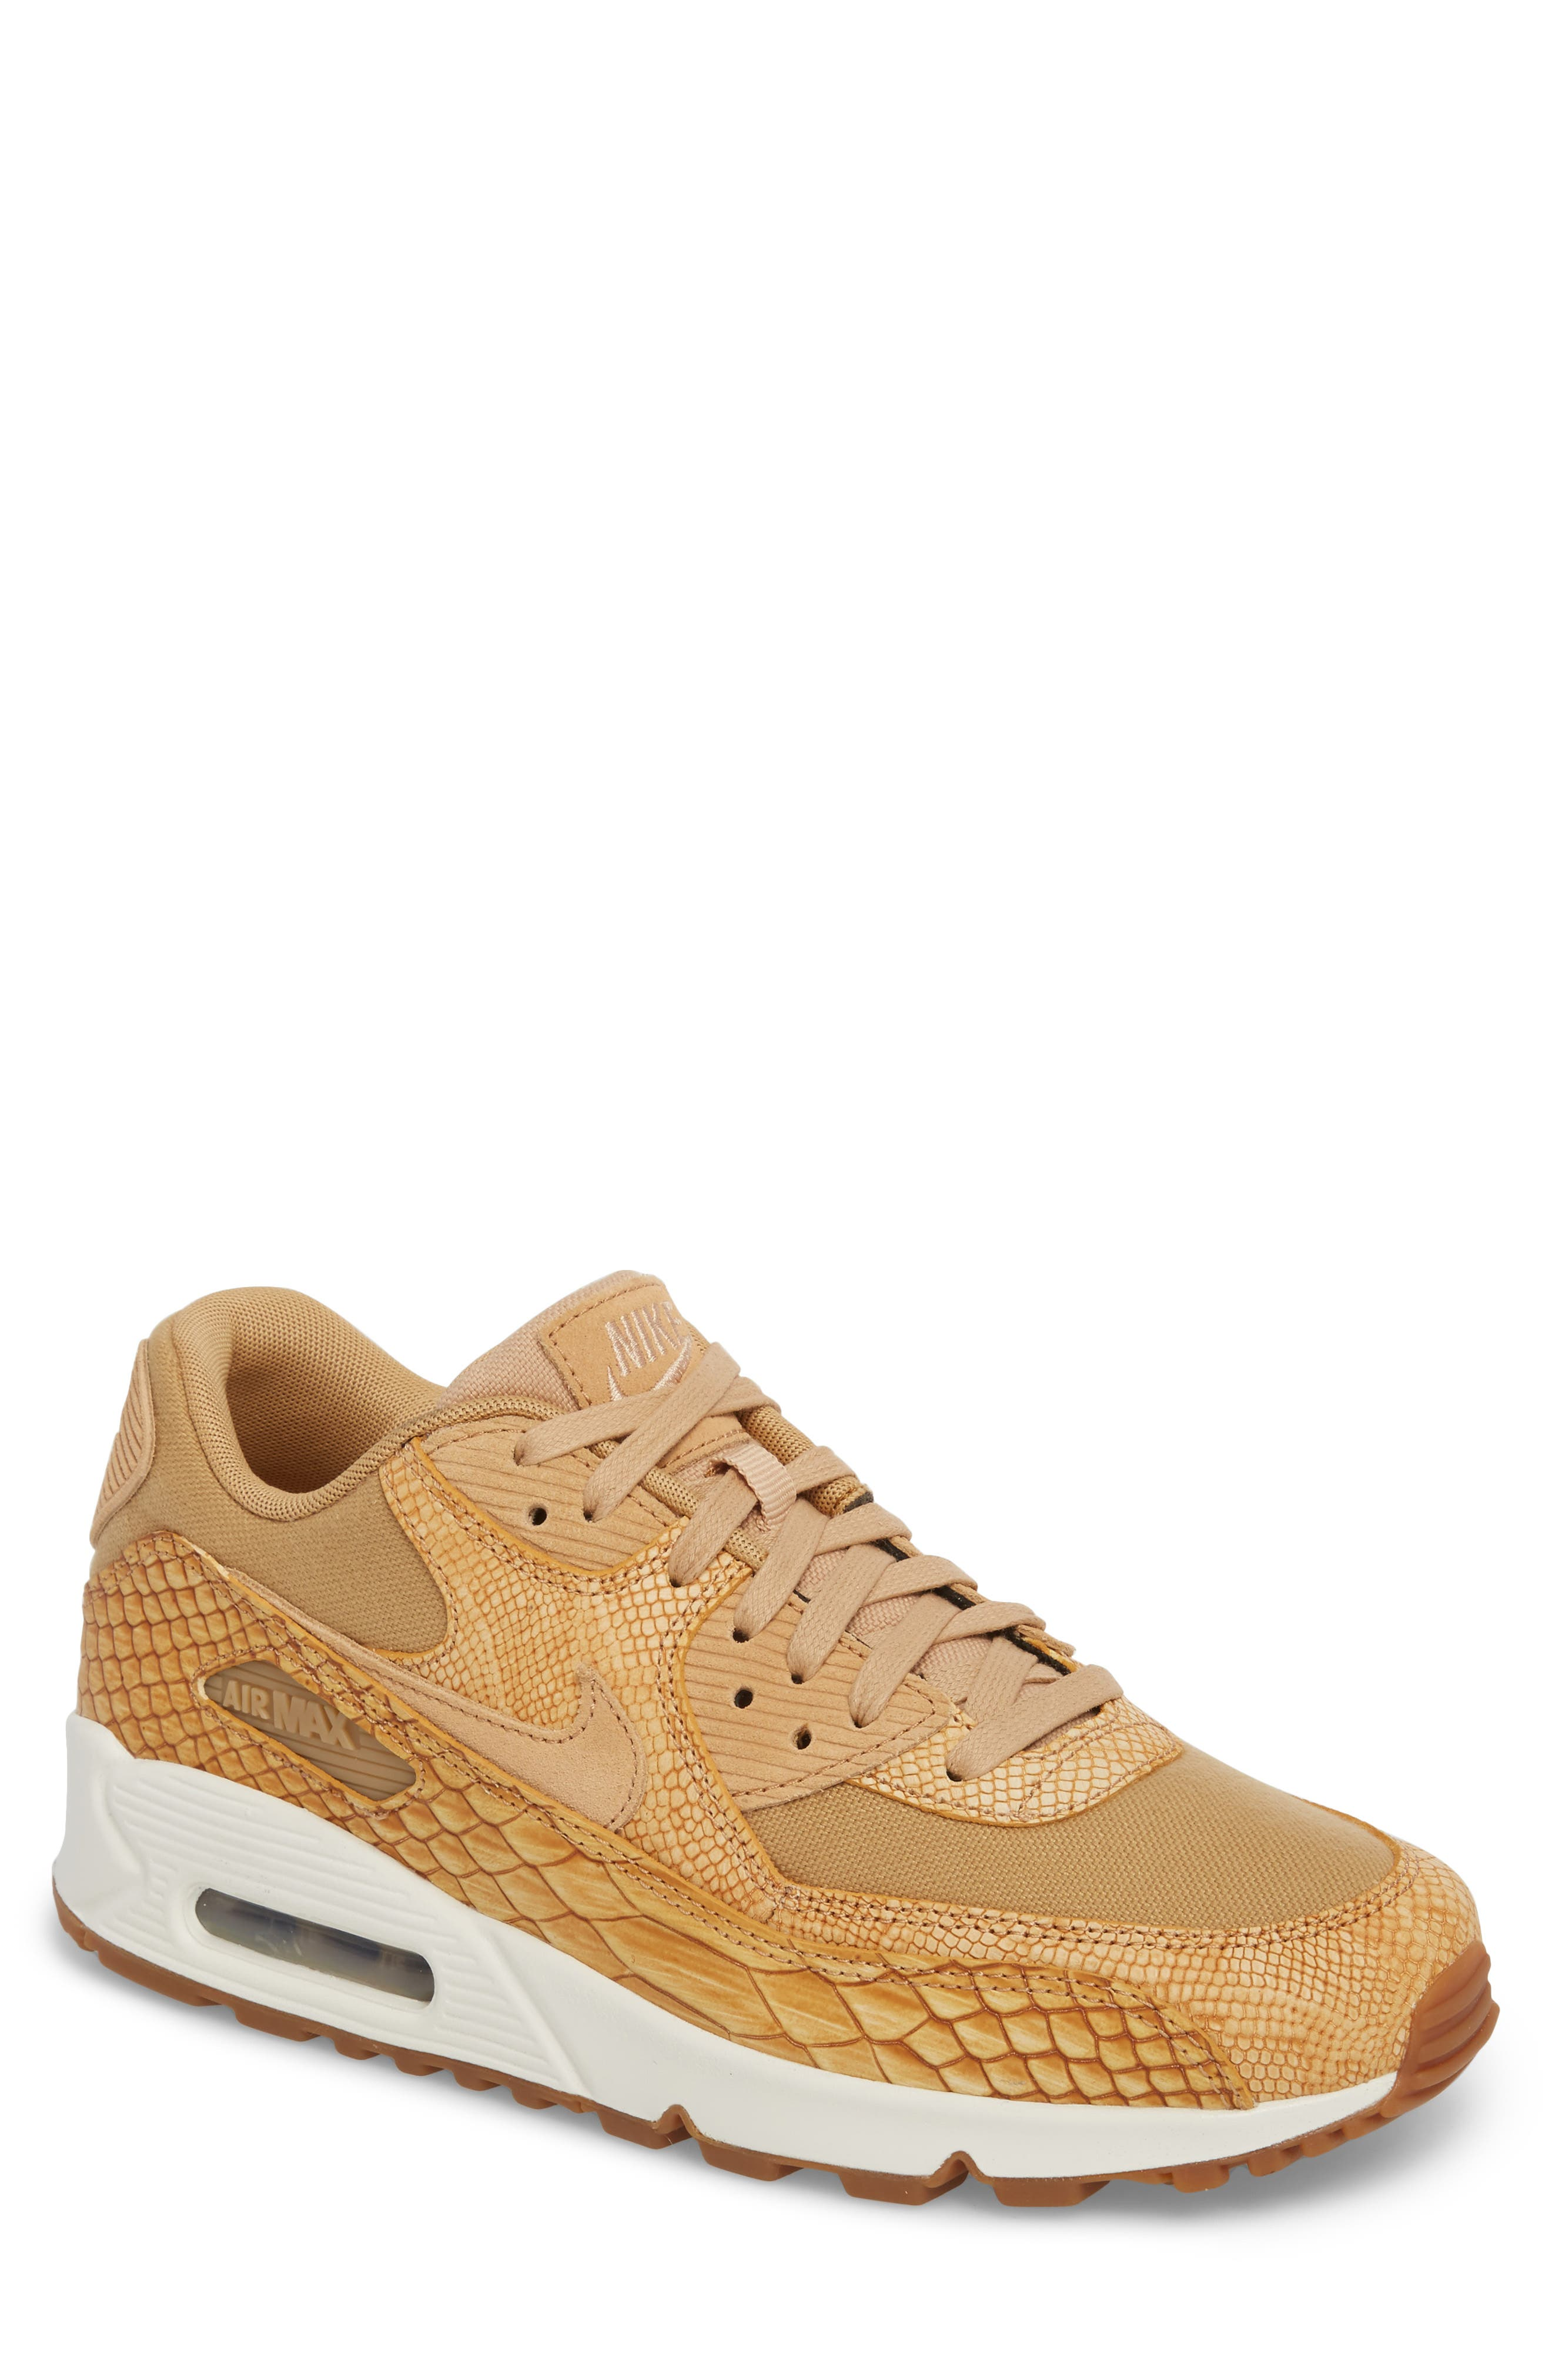 NIKE Air Max 90 Premium Sneaker, Main, color, 200